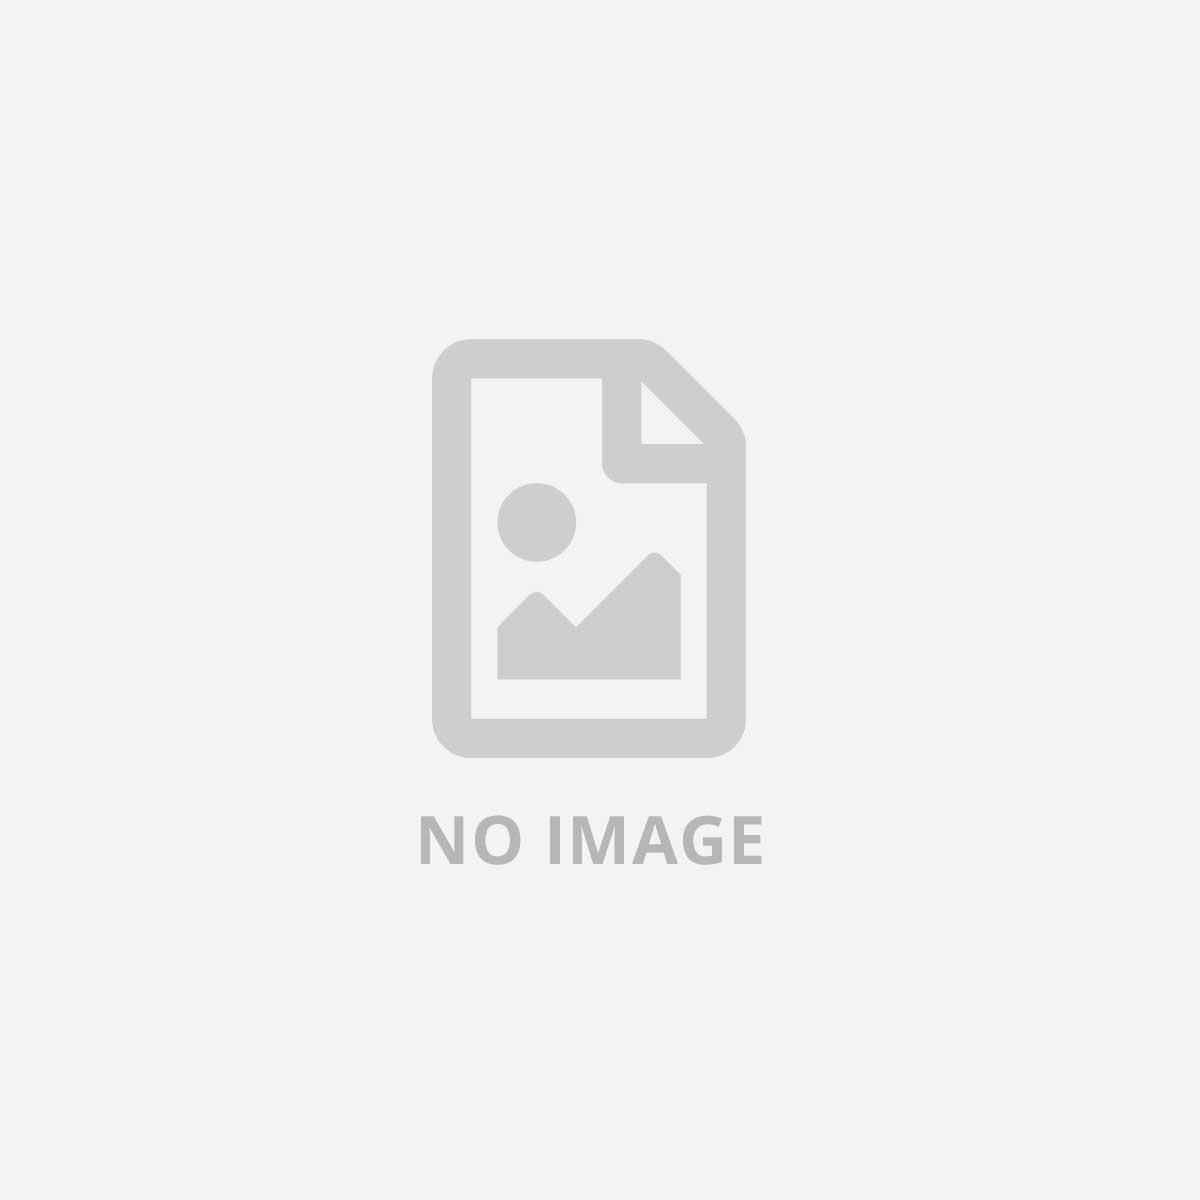 DELL T440 / S-4208 / 16GB / 480GB